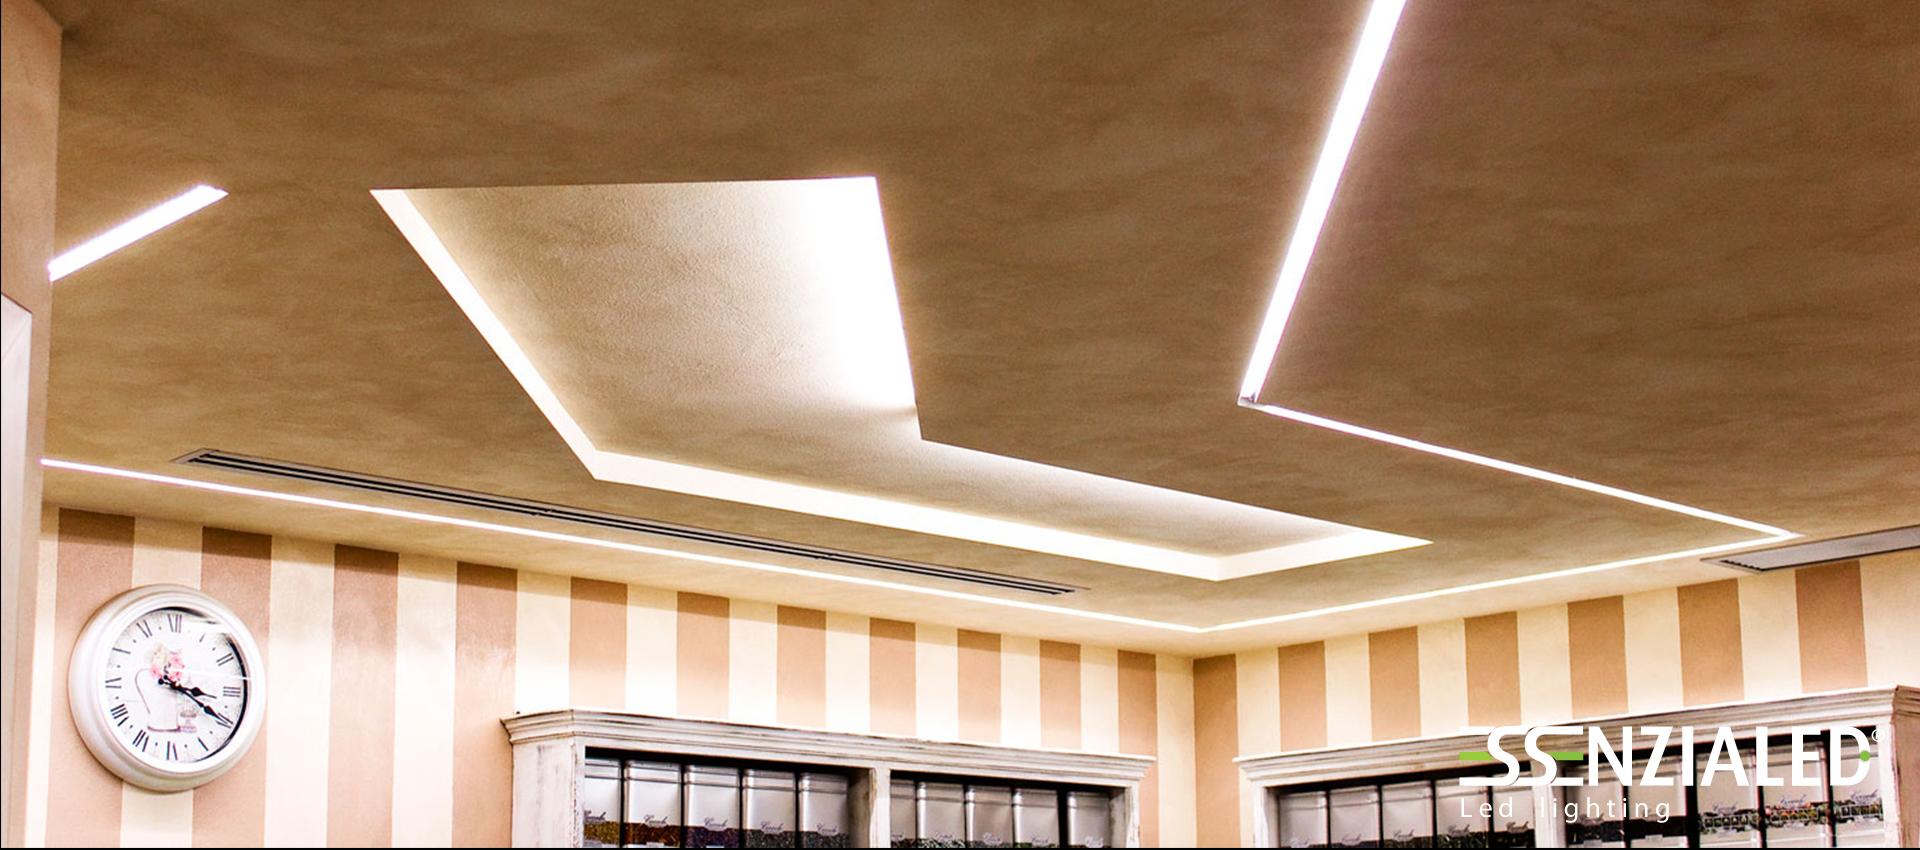 Top Illuminazione Led per ristoranti e bar - EssenzialedEssenzialed  UH64